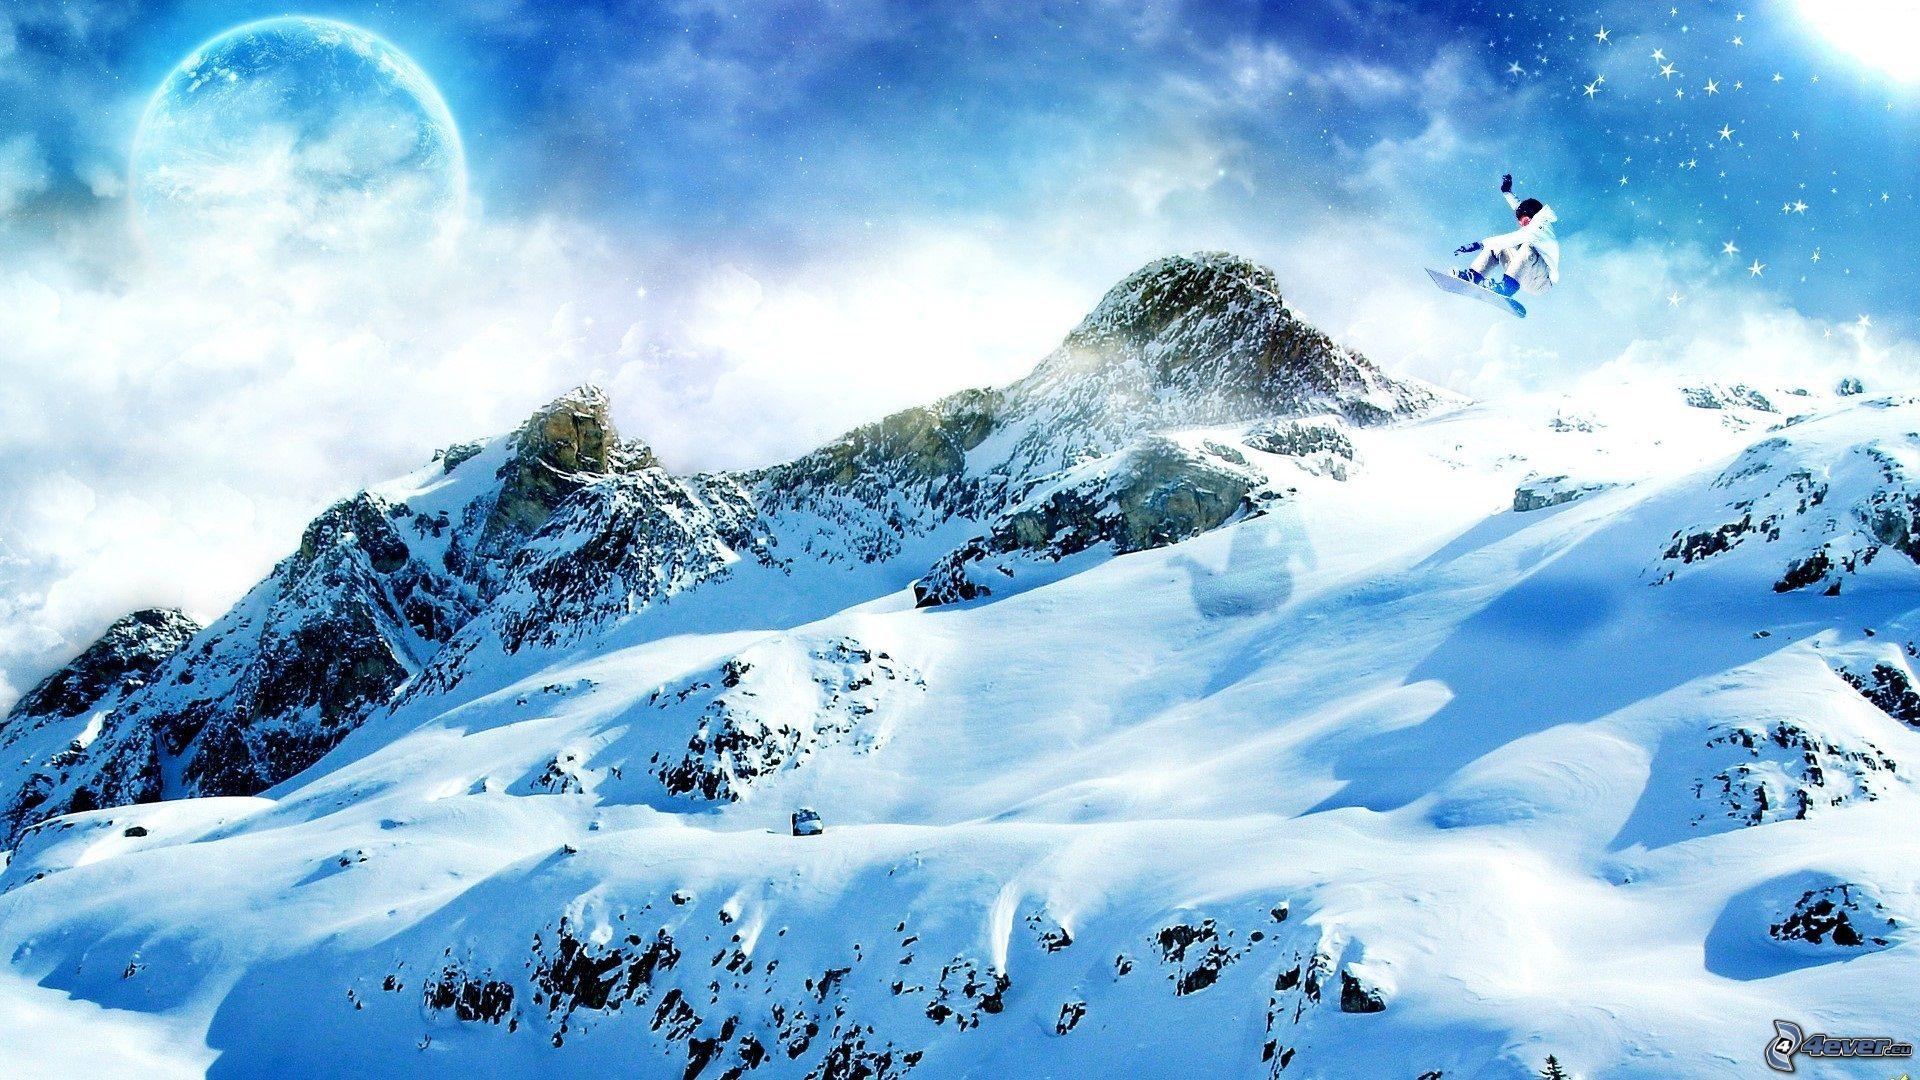 snowboard saut, l'adrénaline, paysage d'hiver, montagnes, neige